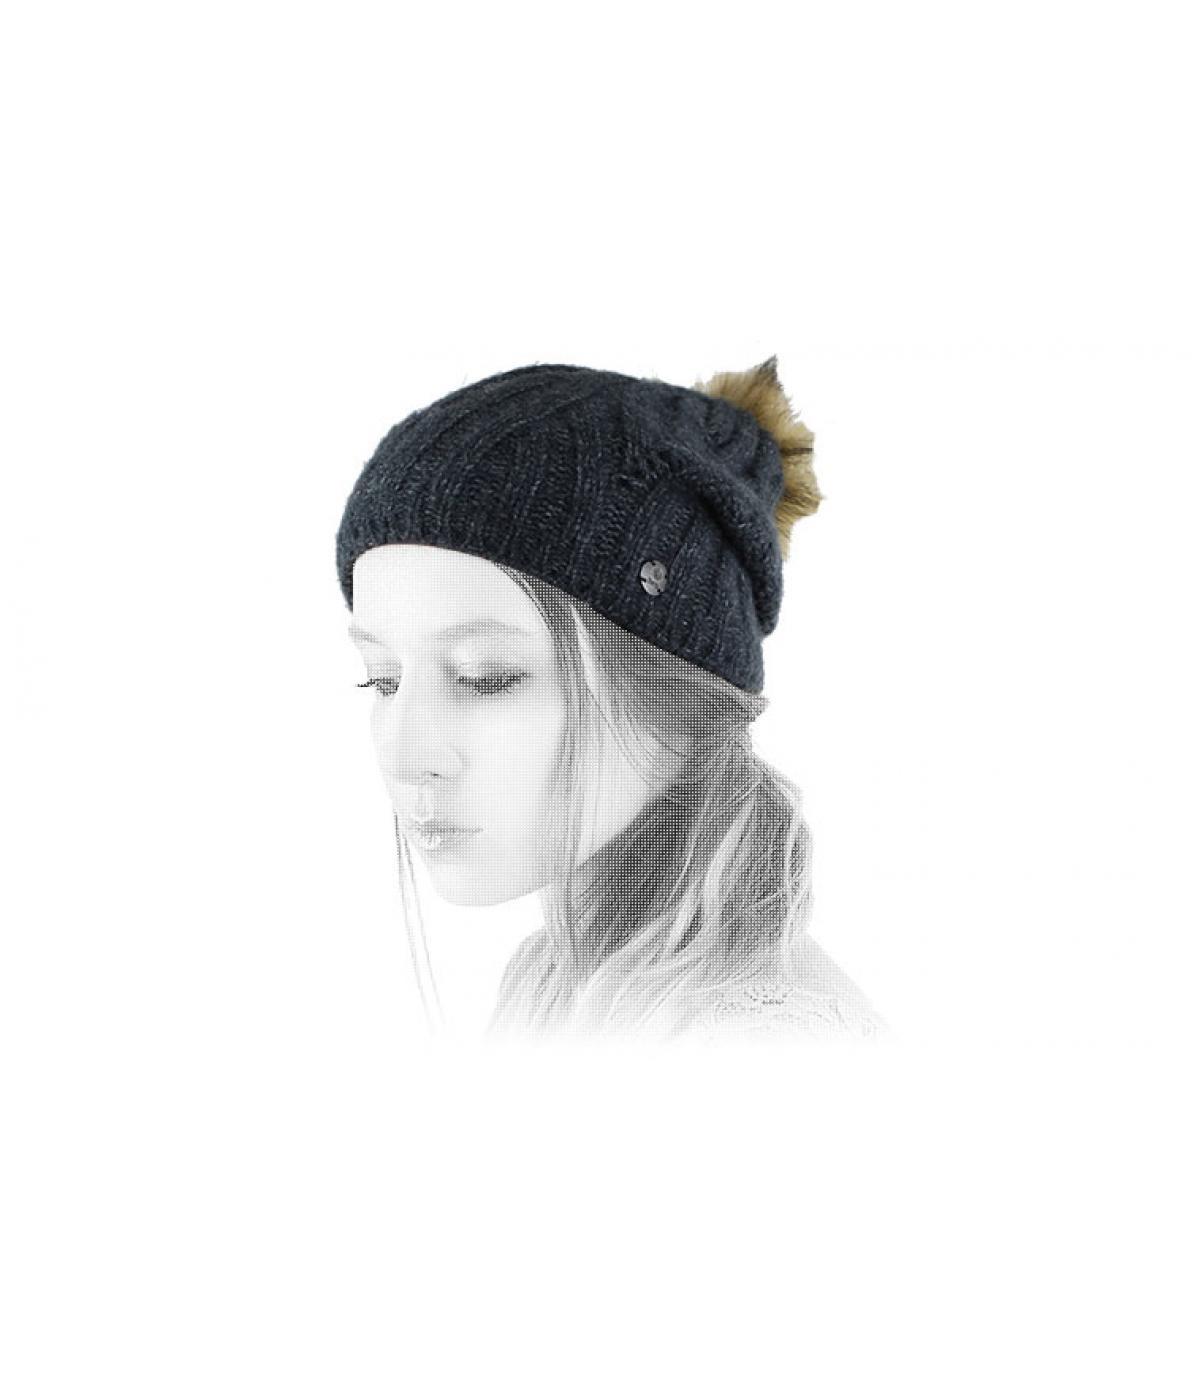 Dettagli Serenity Beanie dark heather - image 4